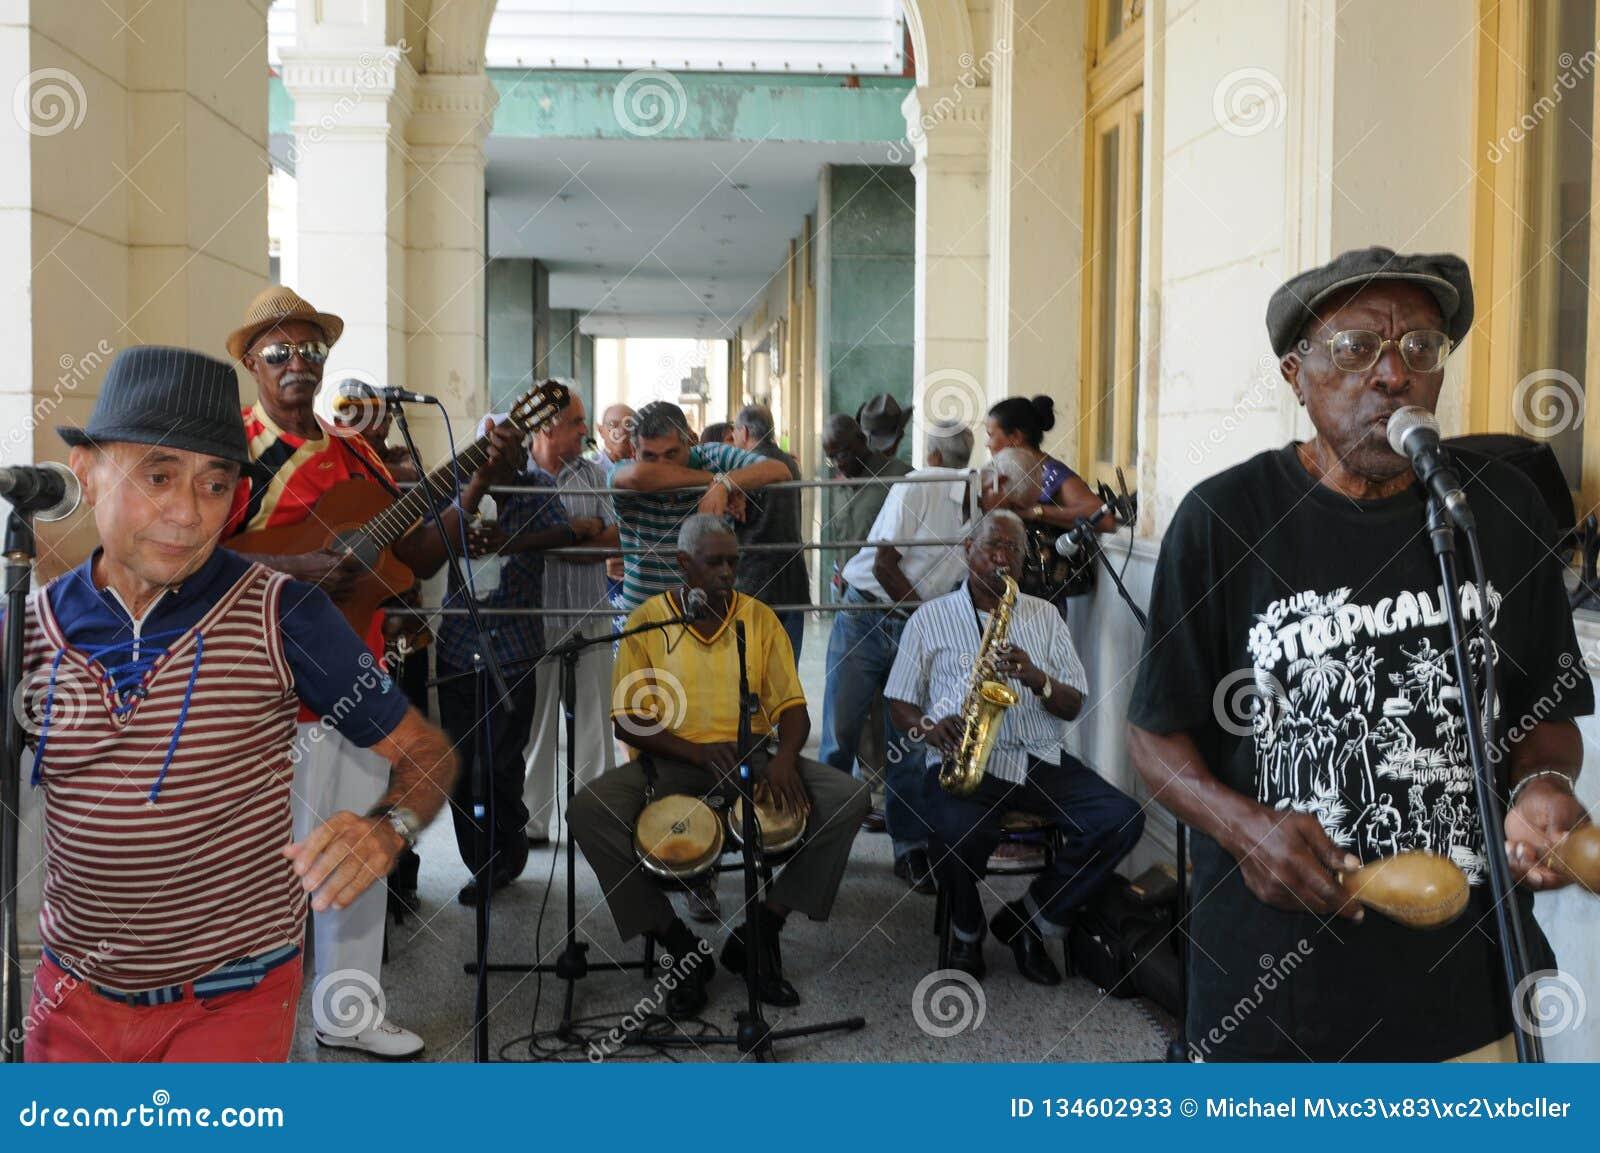 Kubansk musikband som spelar sonen och salsa i Santa Clara City